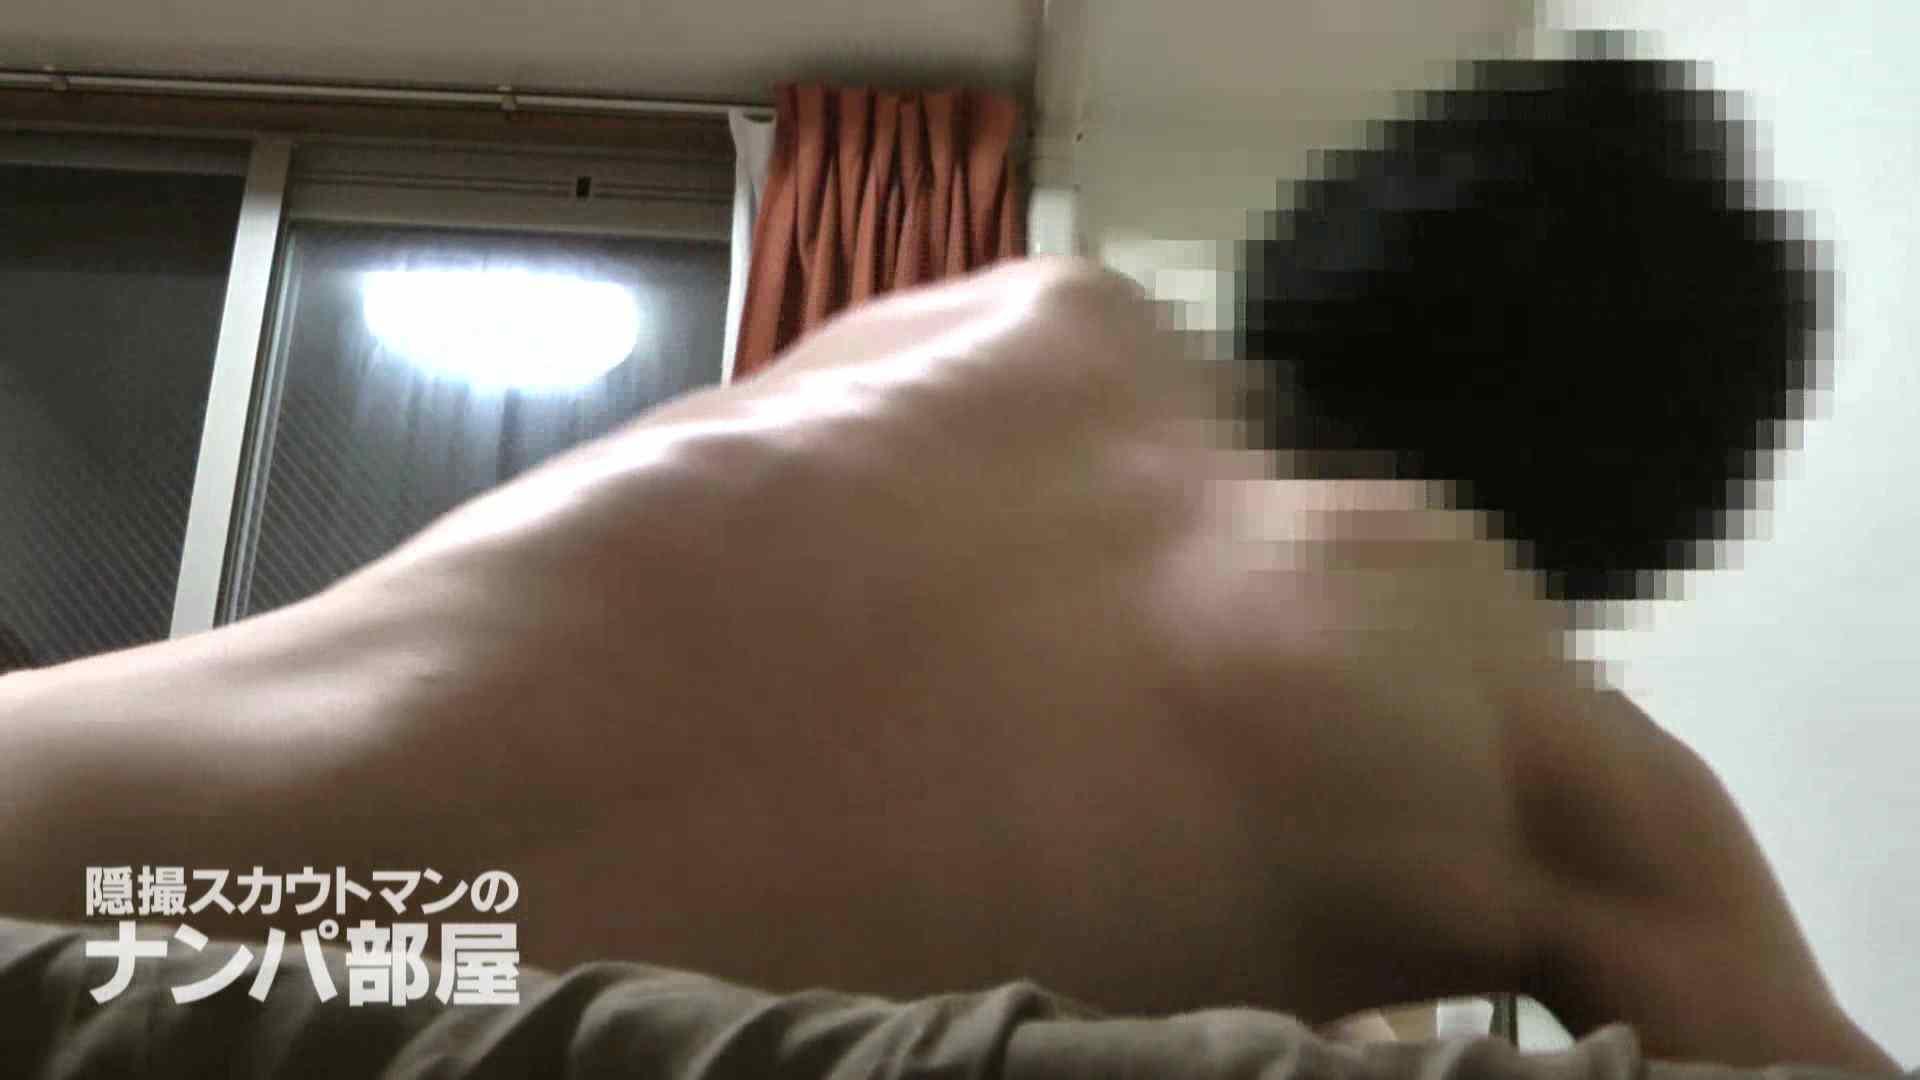 vol.2 kana 脱衣所・着替え編  65pic 12